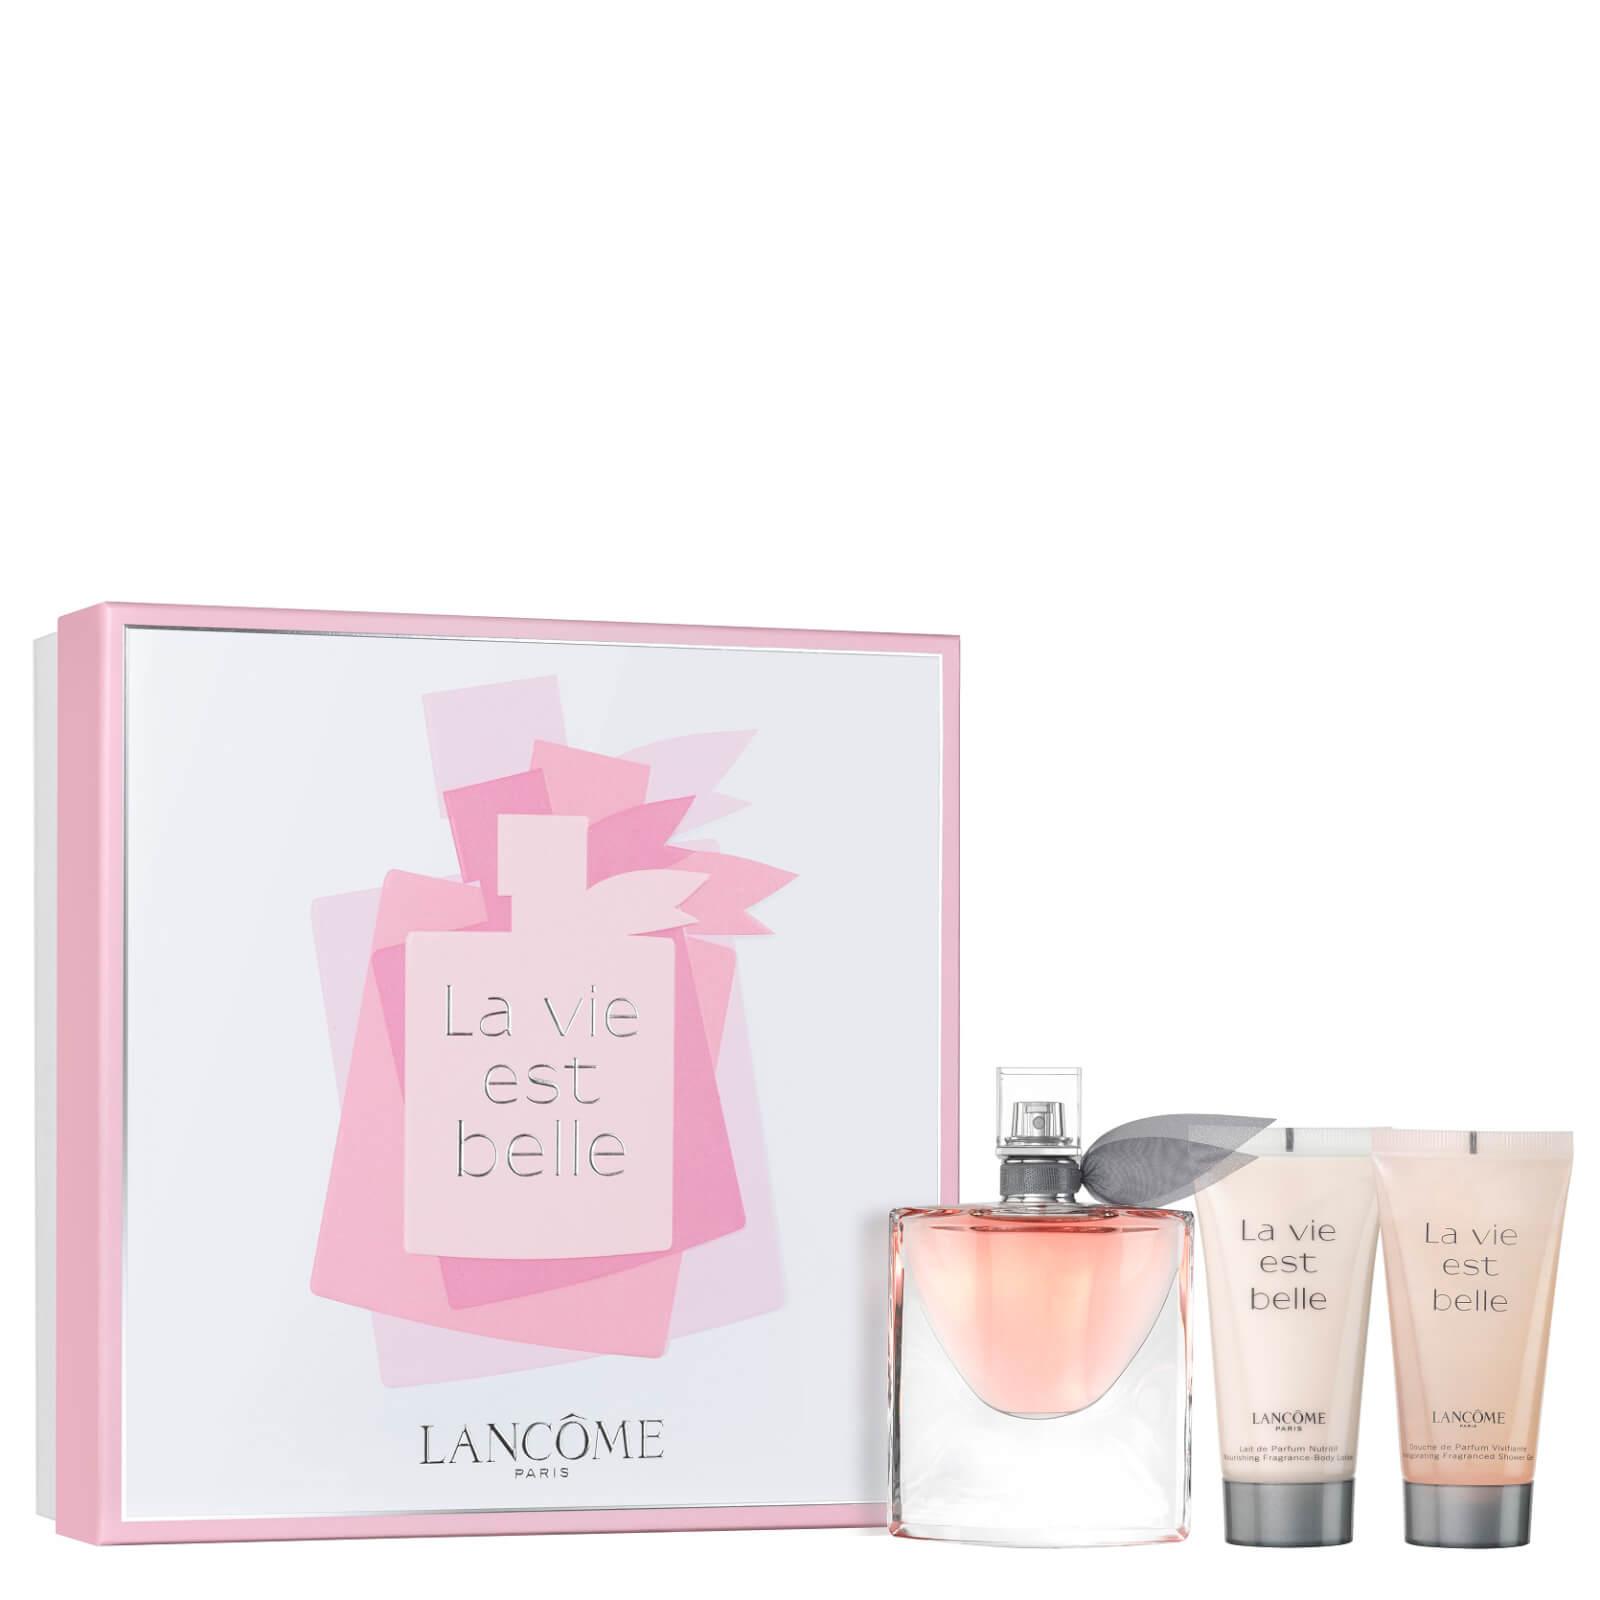 Lancôme La Vie Day Set Est Belle Mother's H9DI2WEY